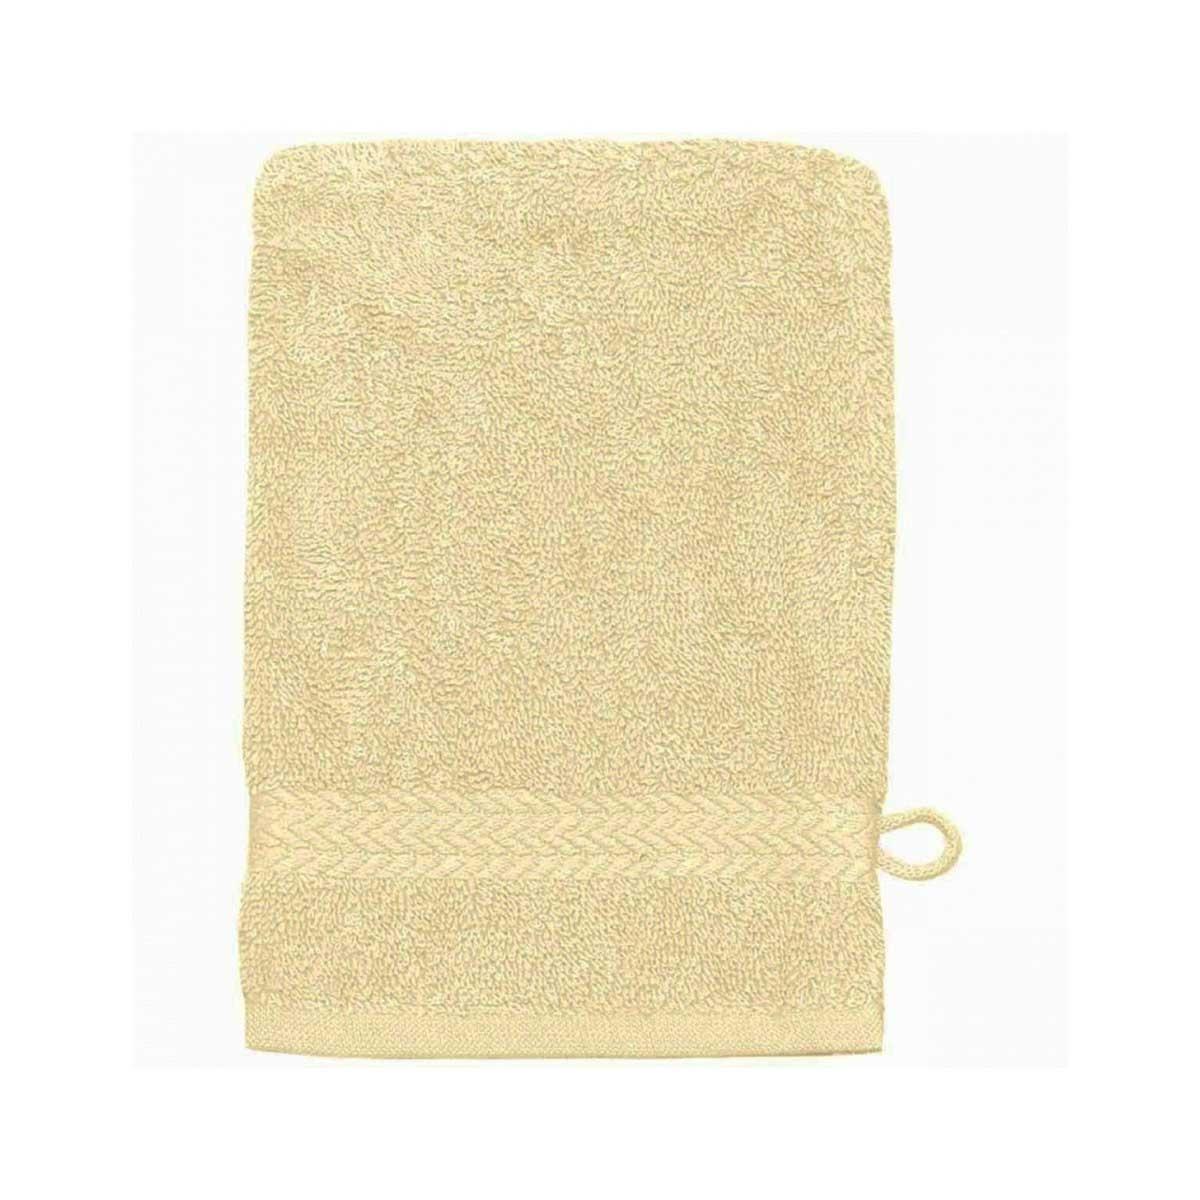 Gant de toilette 16 x 22 cm en Coton couleur Ecru (Ecru)